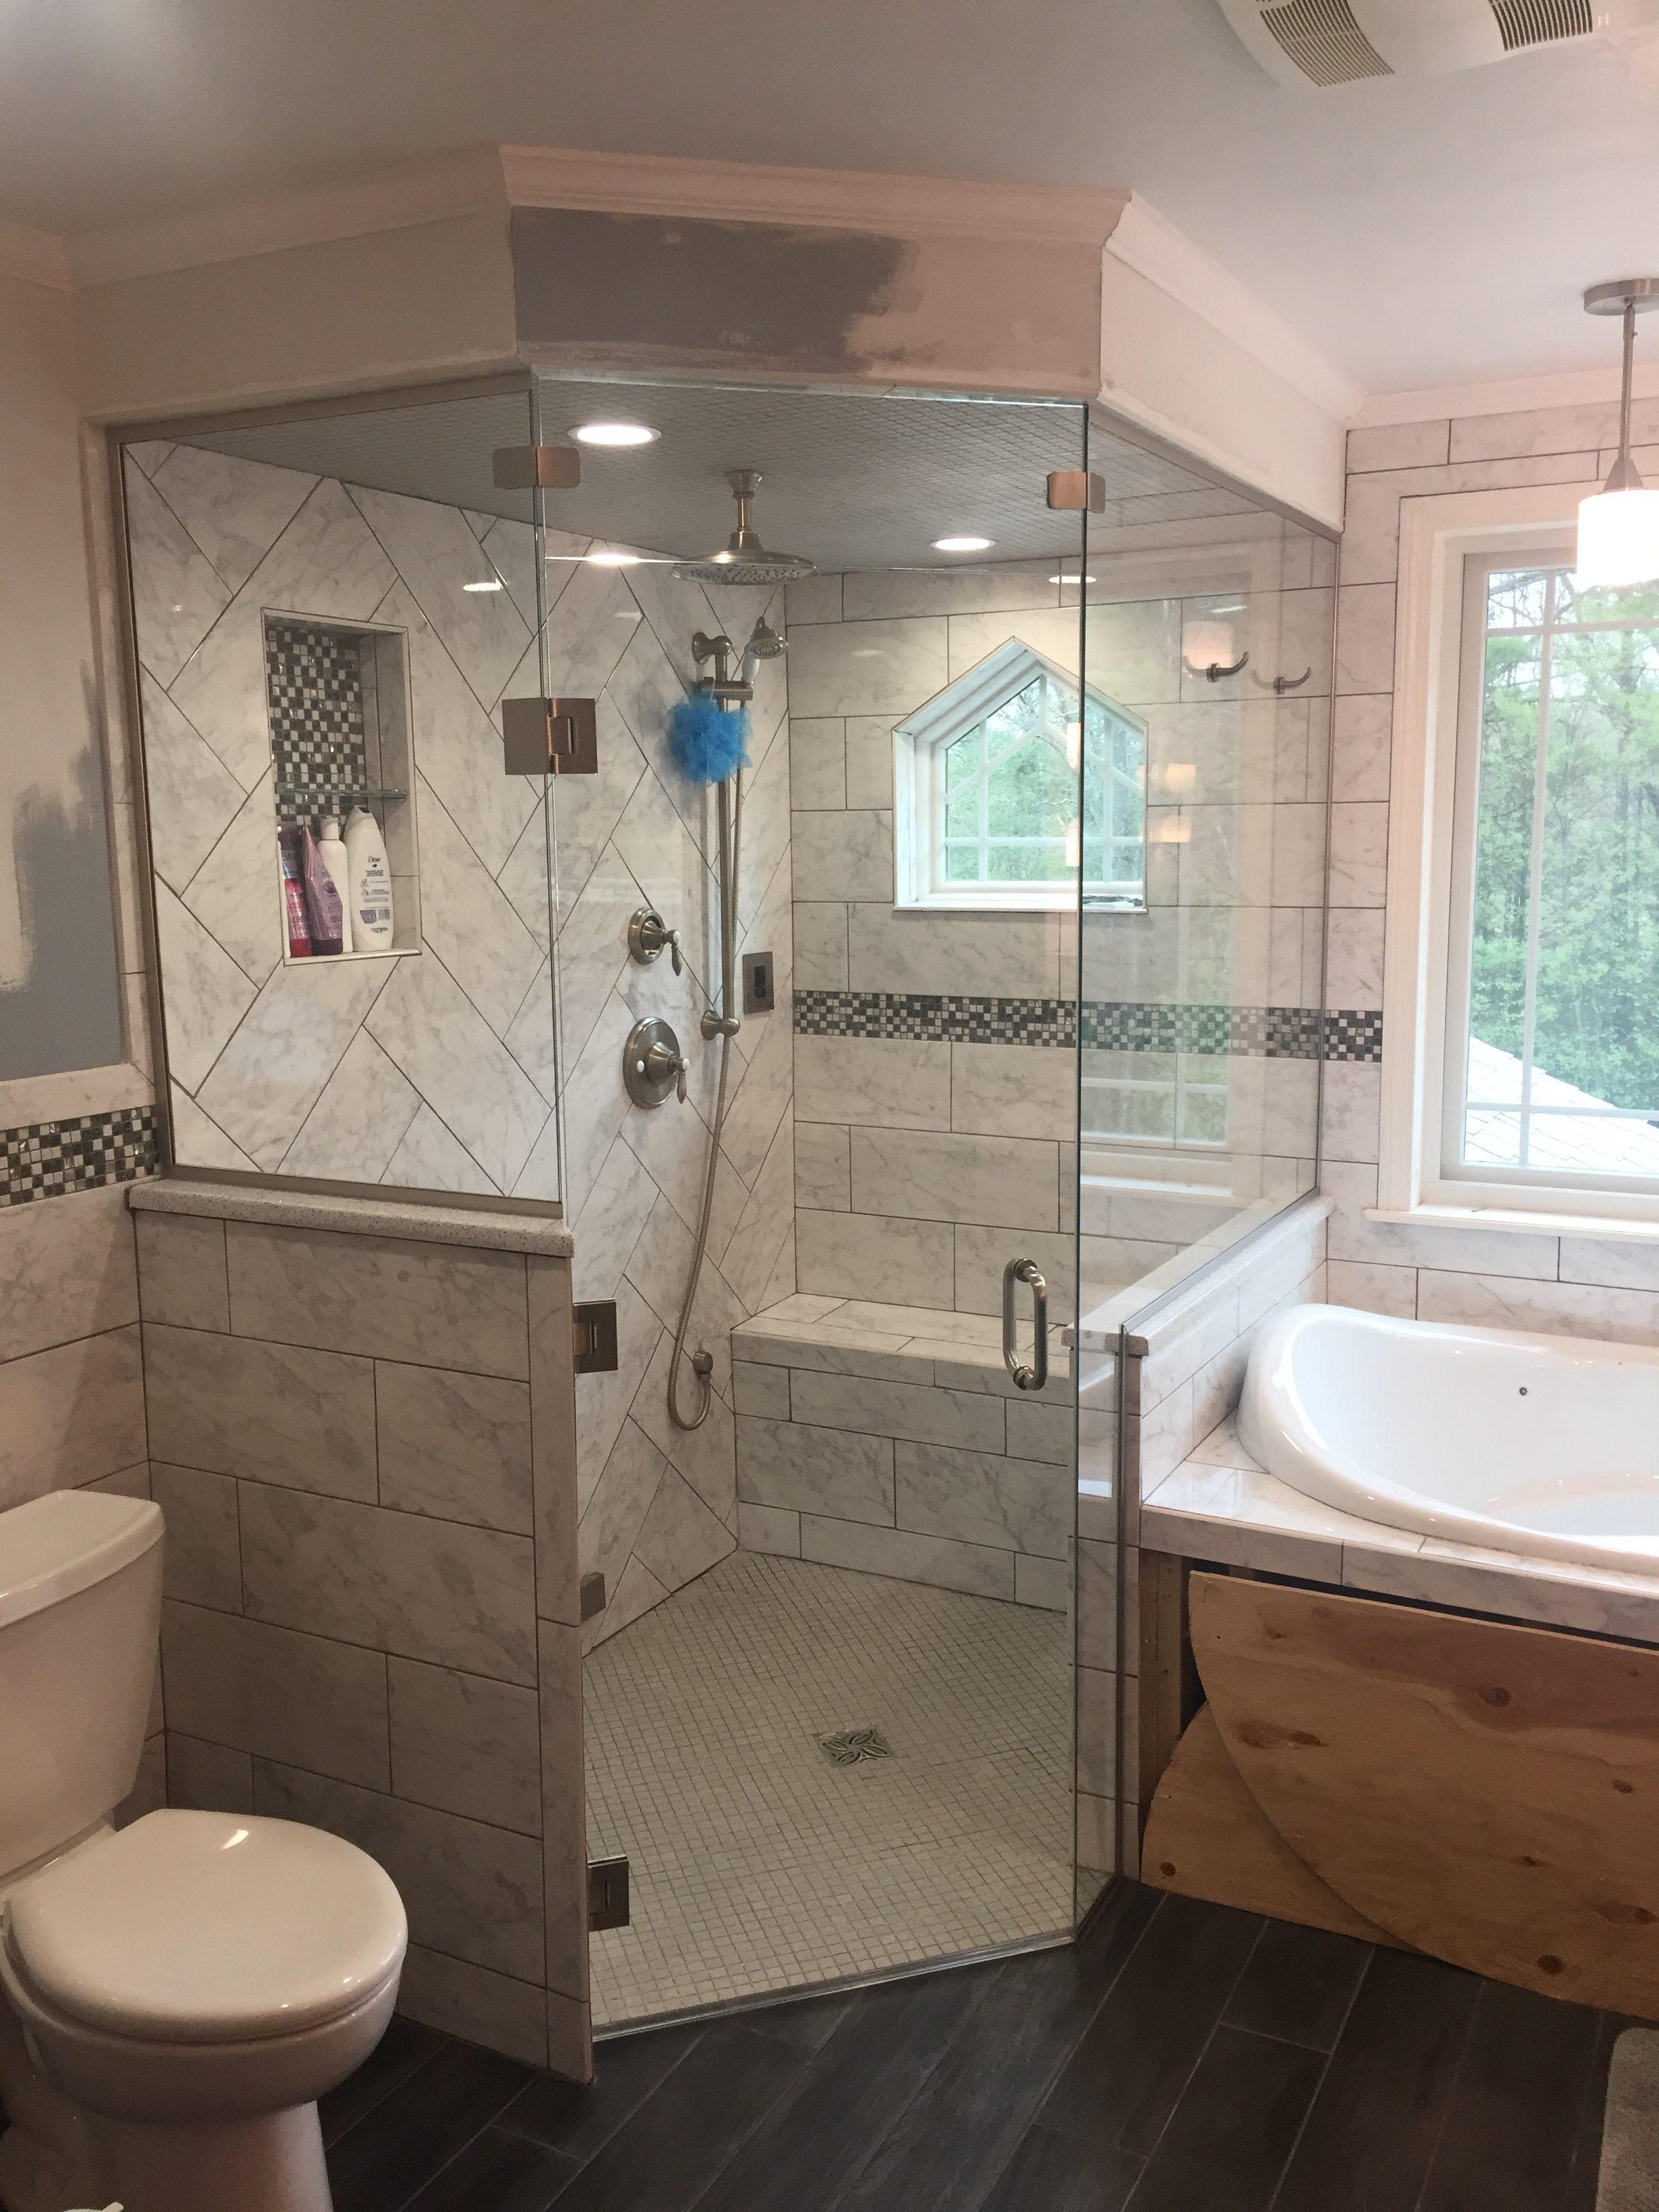 Shower Door - Low iron